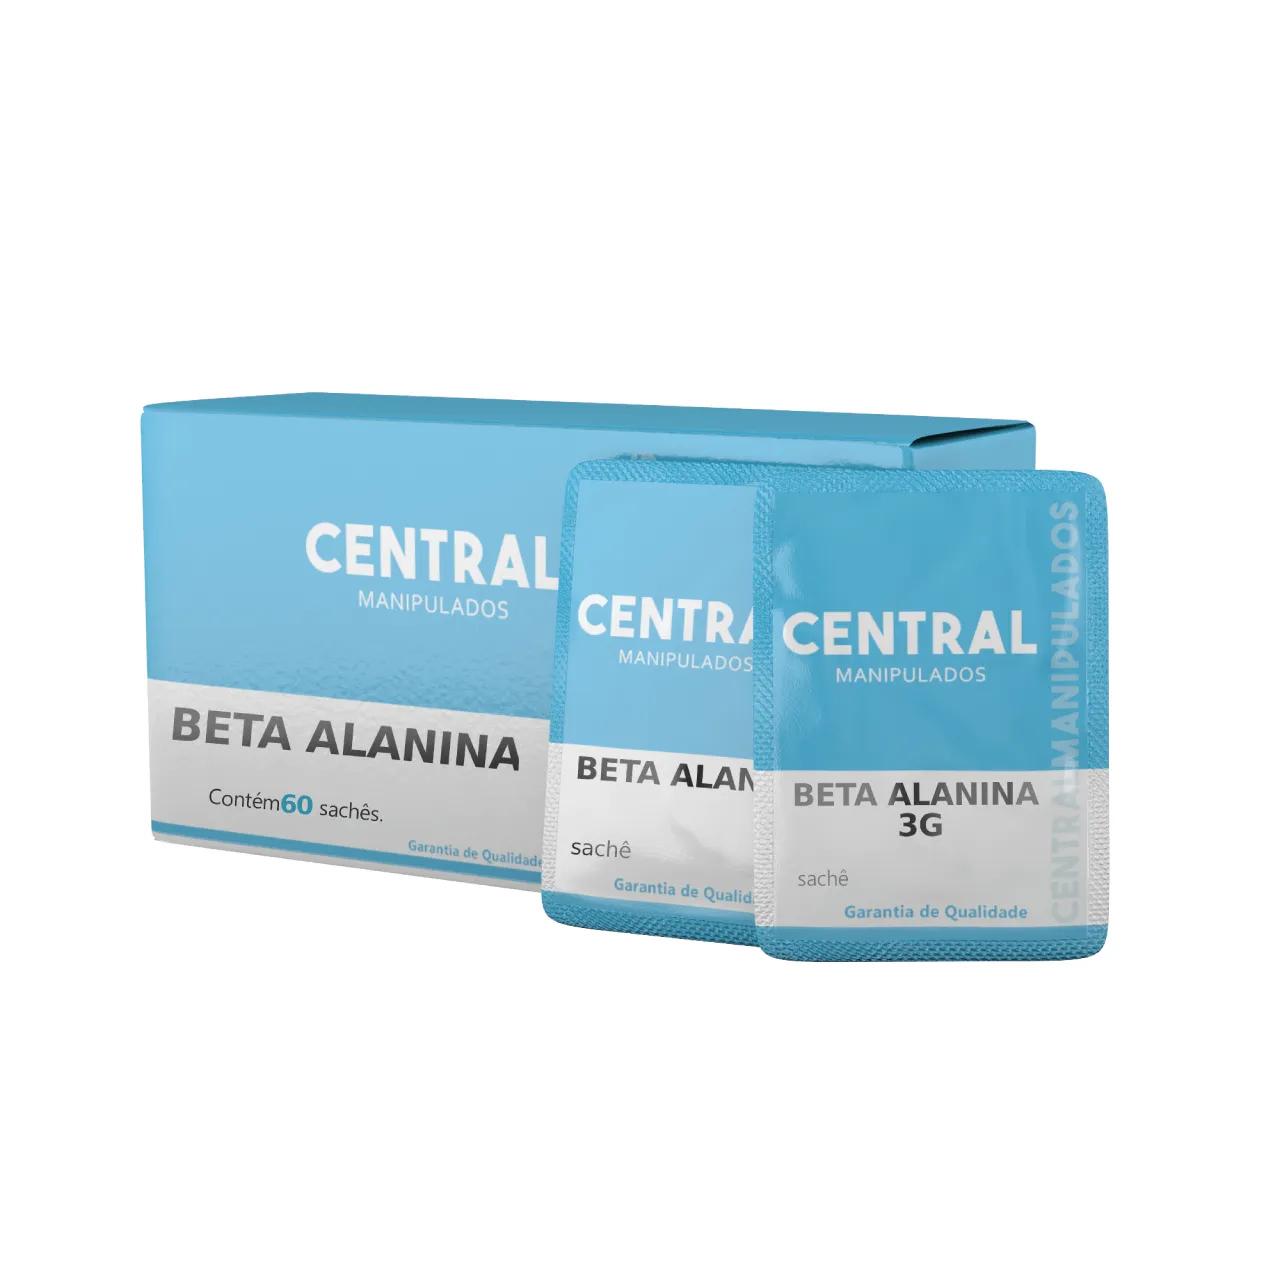 Beta-alanina 3g - 60 Sachês - Aumento da massa muscular, resistência aeróbica, força e resistência